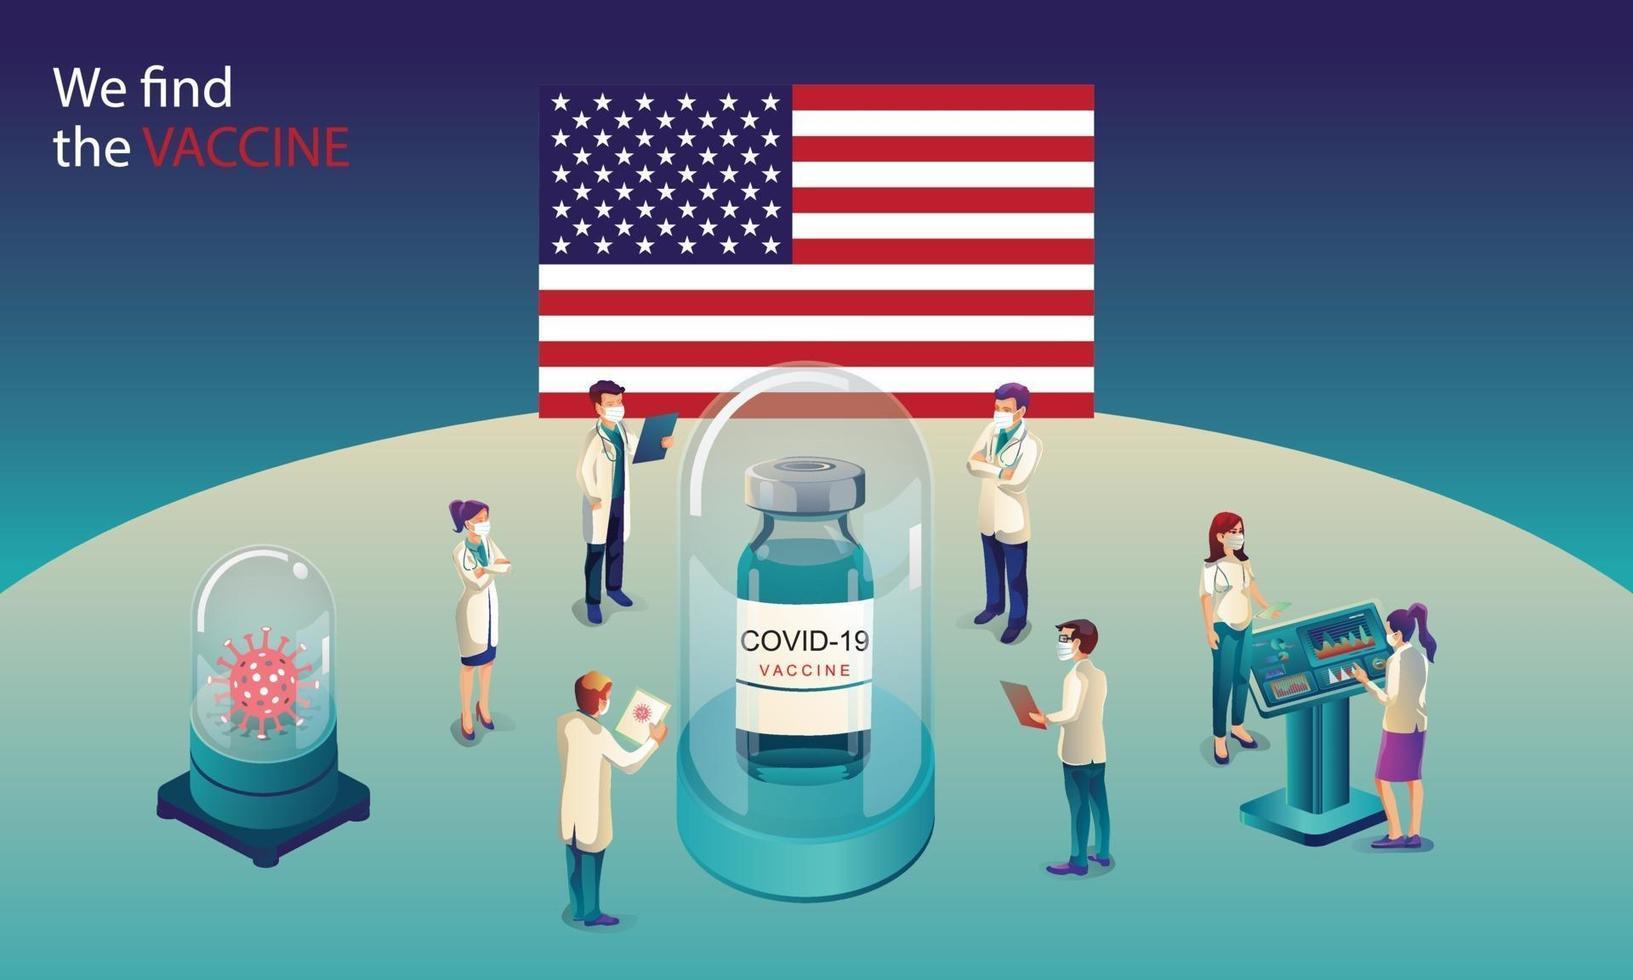 El equipo científico estadounidense ha descubierto la vacuna covid-19, una prueba de laboratorio, una jeringa y un frasco de vacuna, trabajando en la prueba. desarrollo de vacunas listo para la ilustración de tratamiento, diseño plano vectorial vector